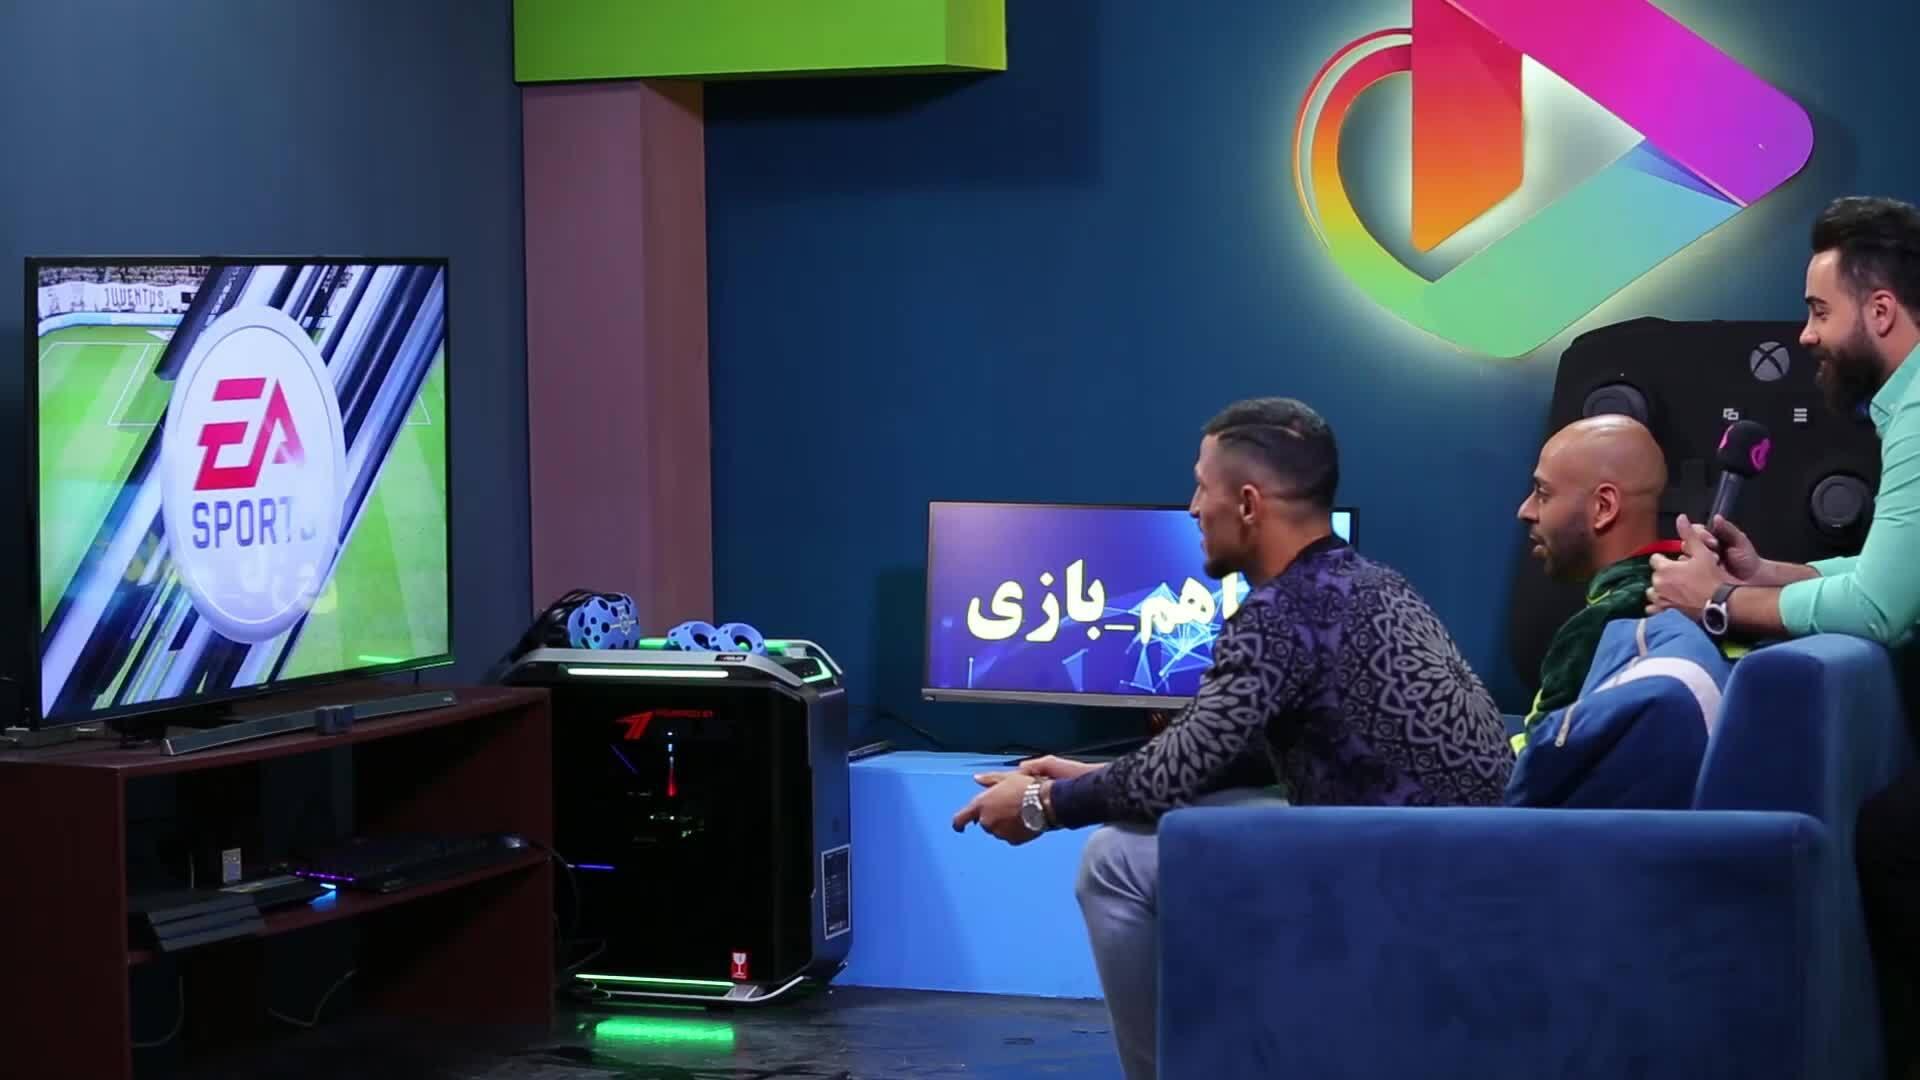 فیلم و سریالهای تلویزیون در روز هفتم فروردین